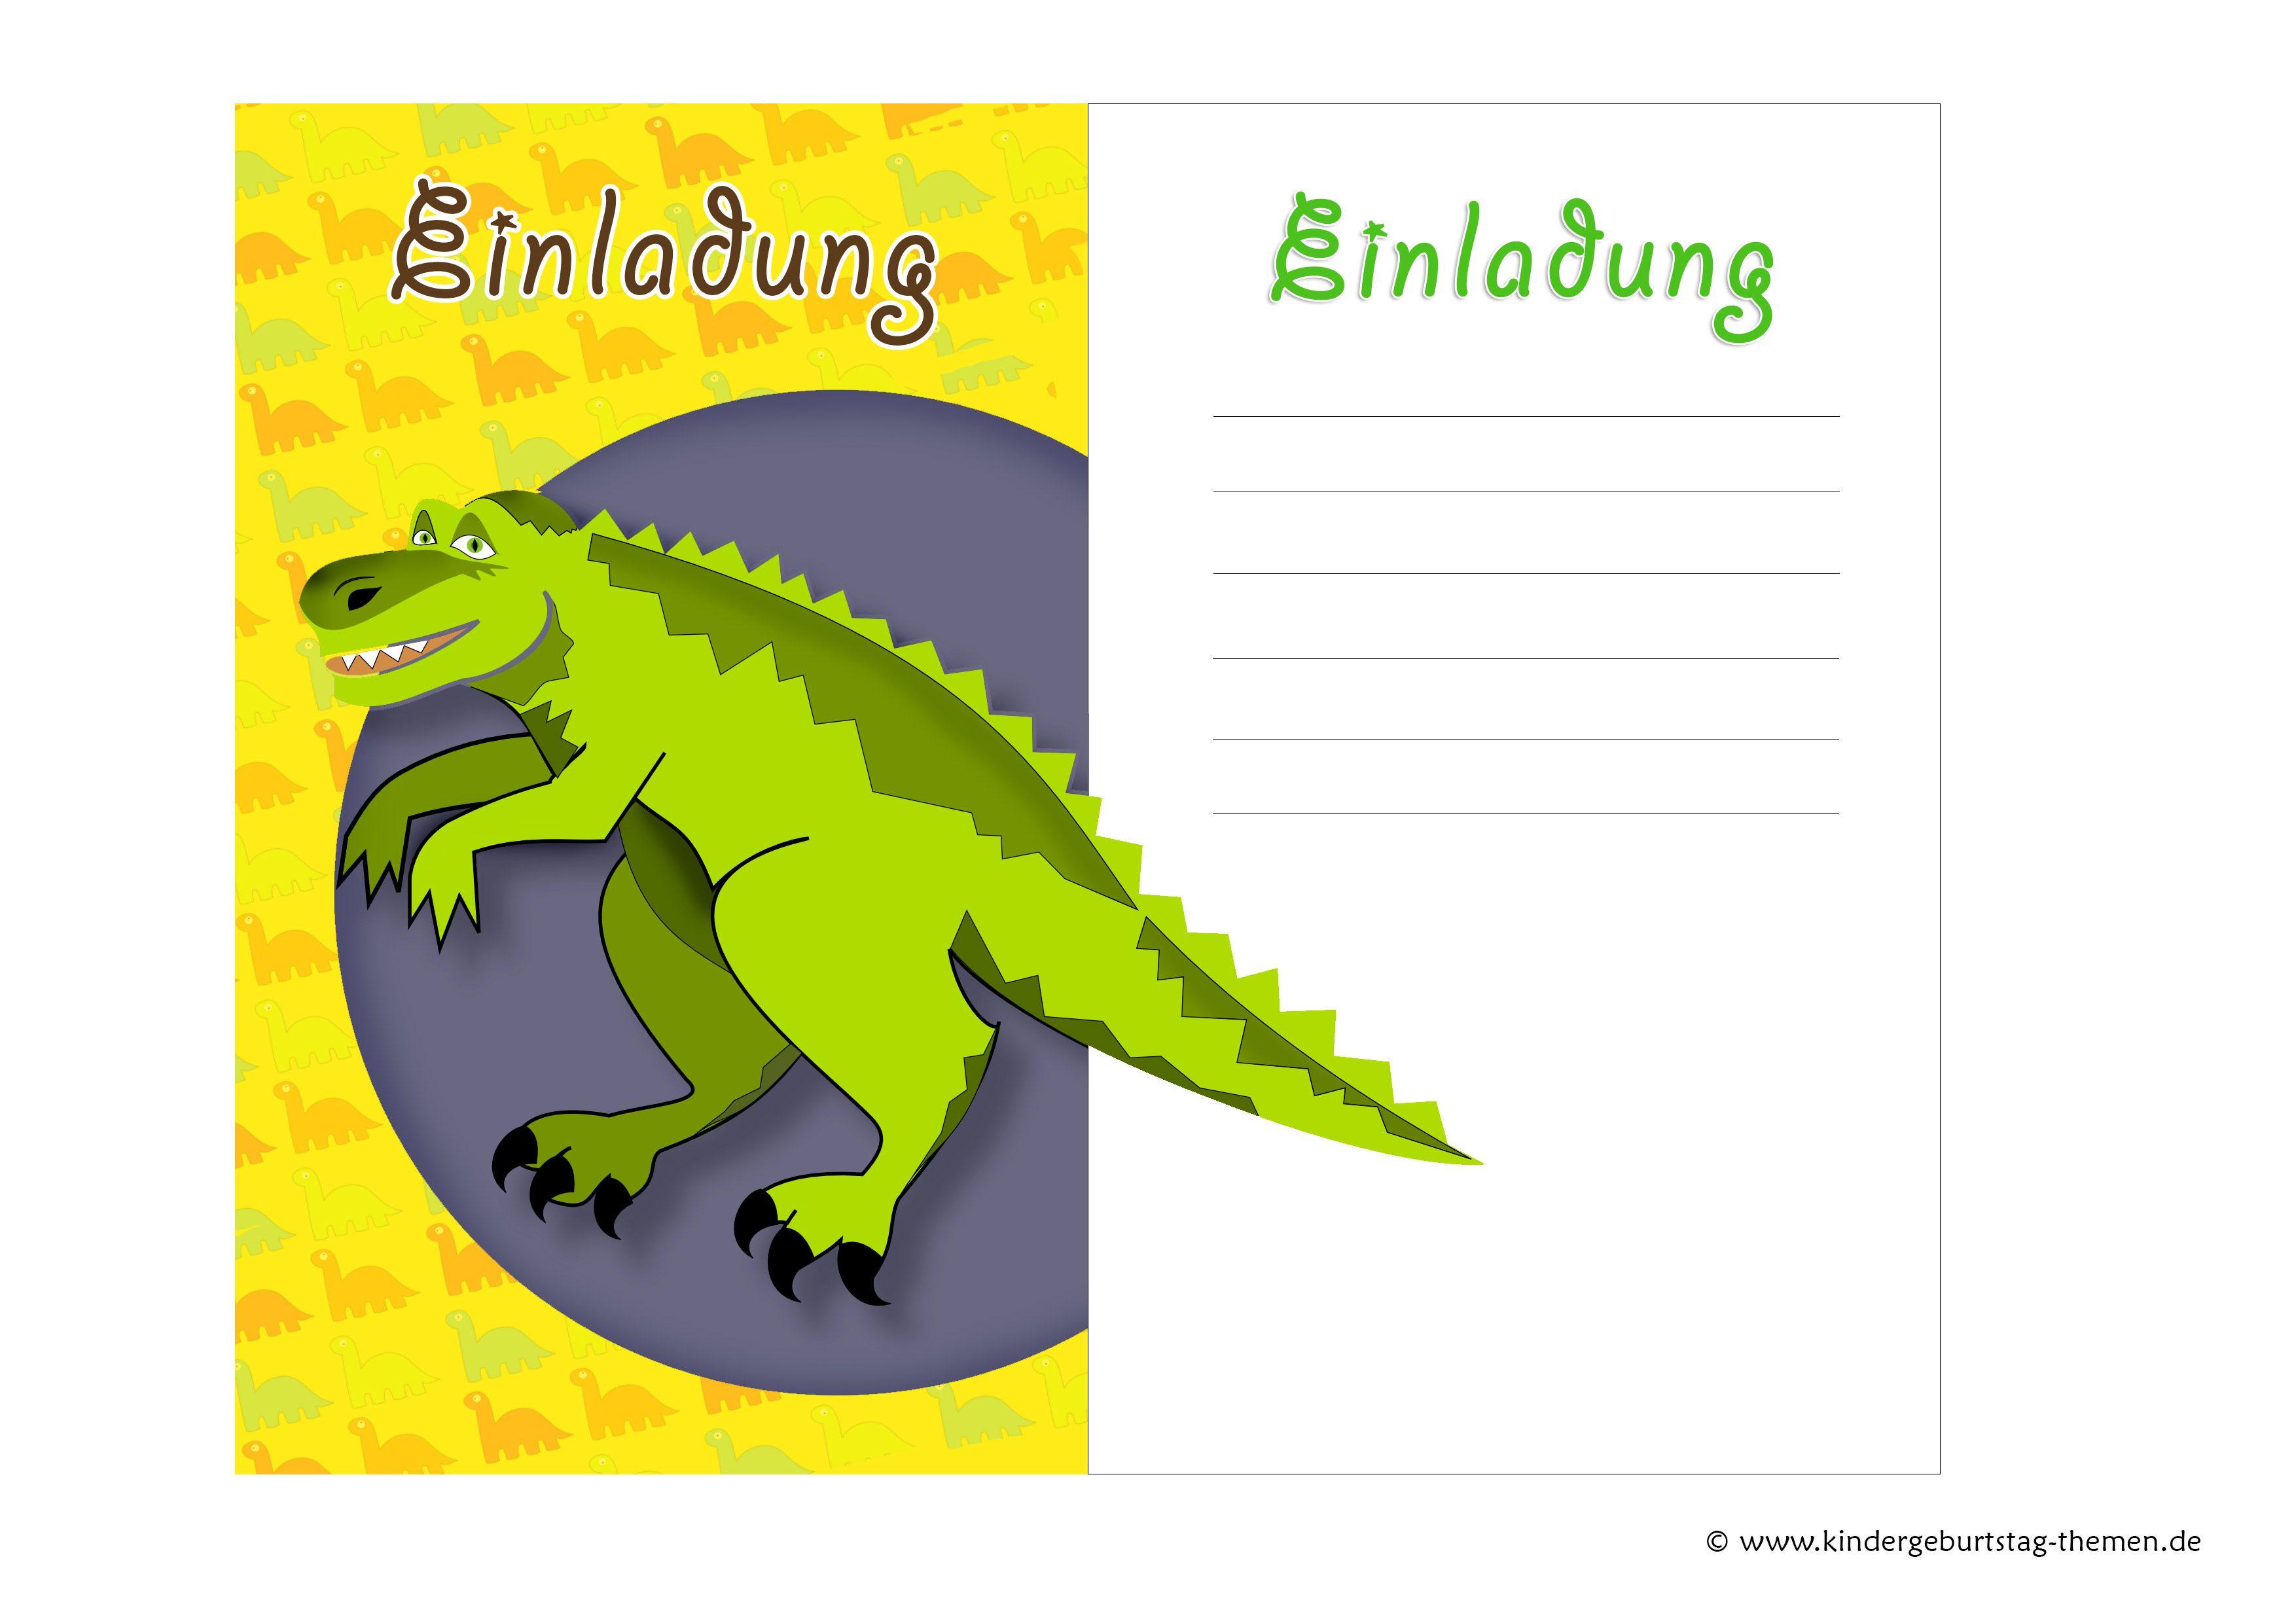 Dino Einladungskarten Basteln Diy Vorlagen Fur Motto Party Einladung Geburtstag Geburtstag Einladung Vorlage Einladungskarten Geburtstag Kostenlos